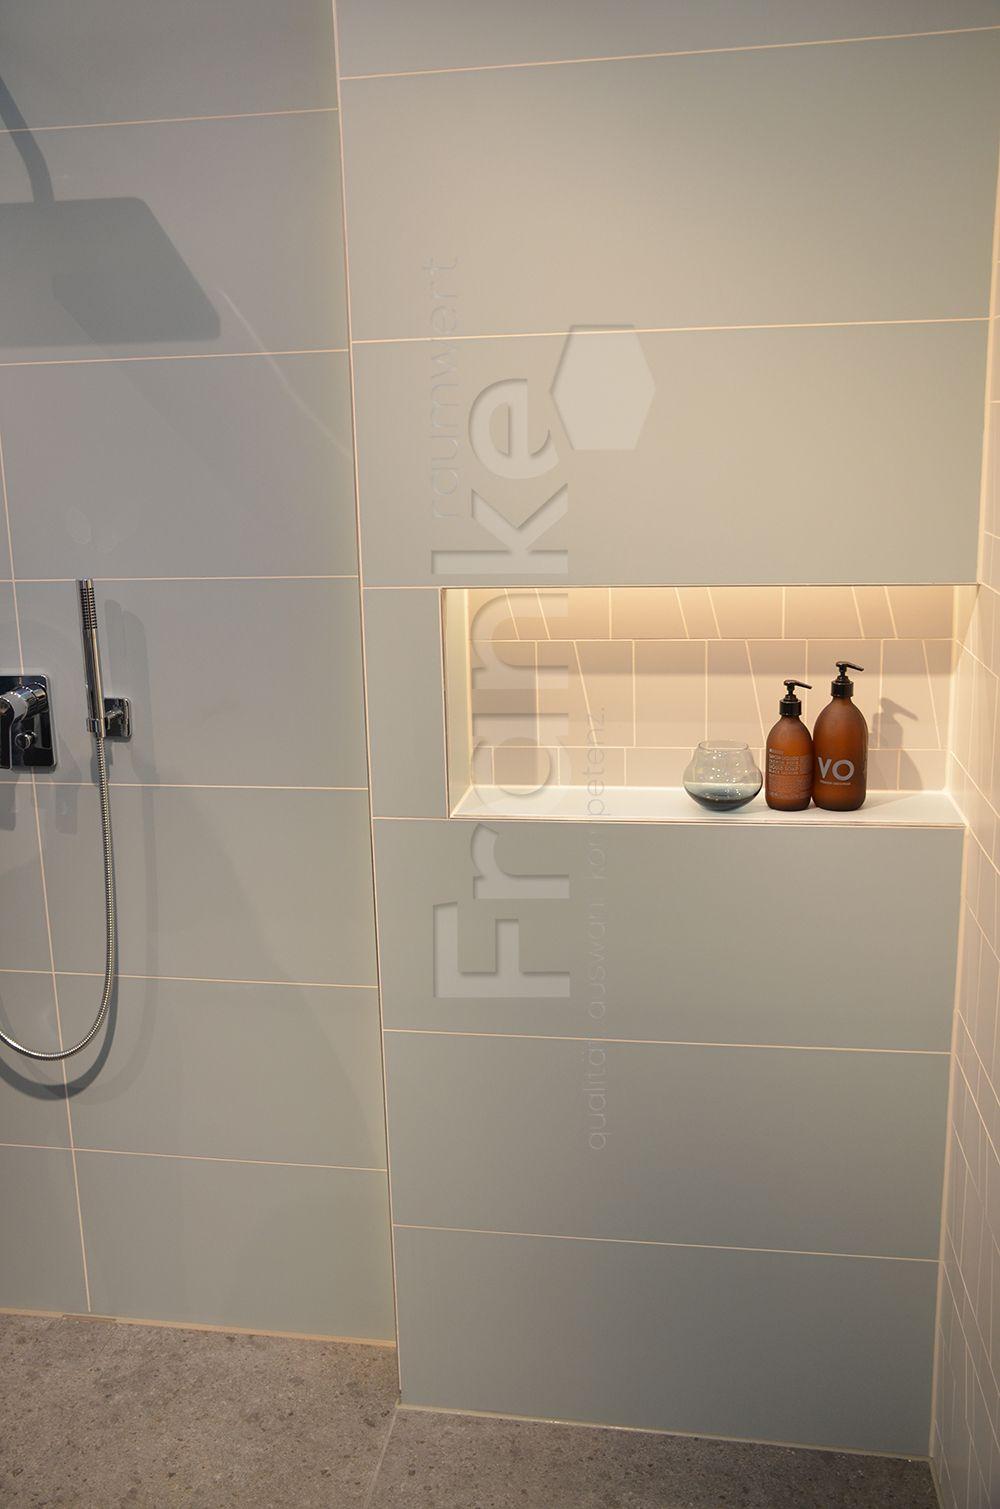 Die Serie Lightplay Mit Einem Individuellen Farbmix Bath Badezimmer Bathroom Room Showroom Badkamer Fliesen Tiles Wandnischen Badgestaltung Badezimmer